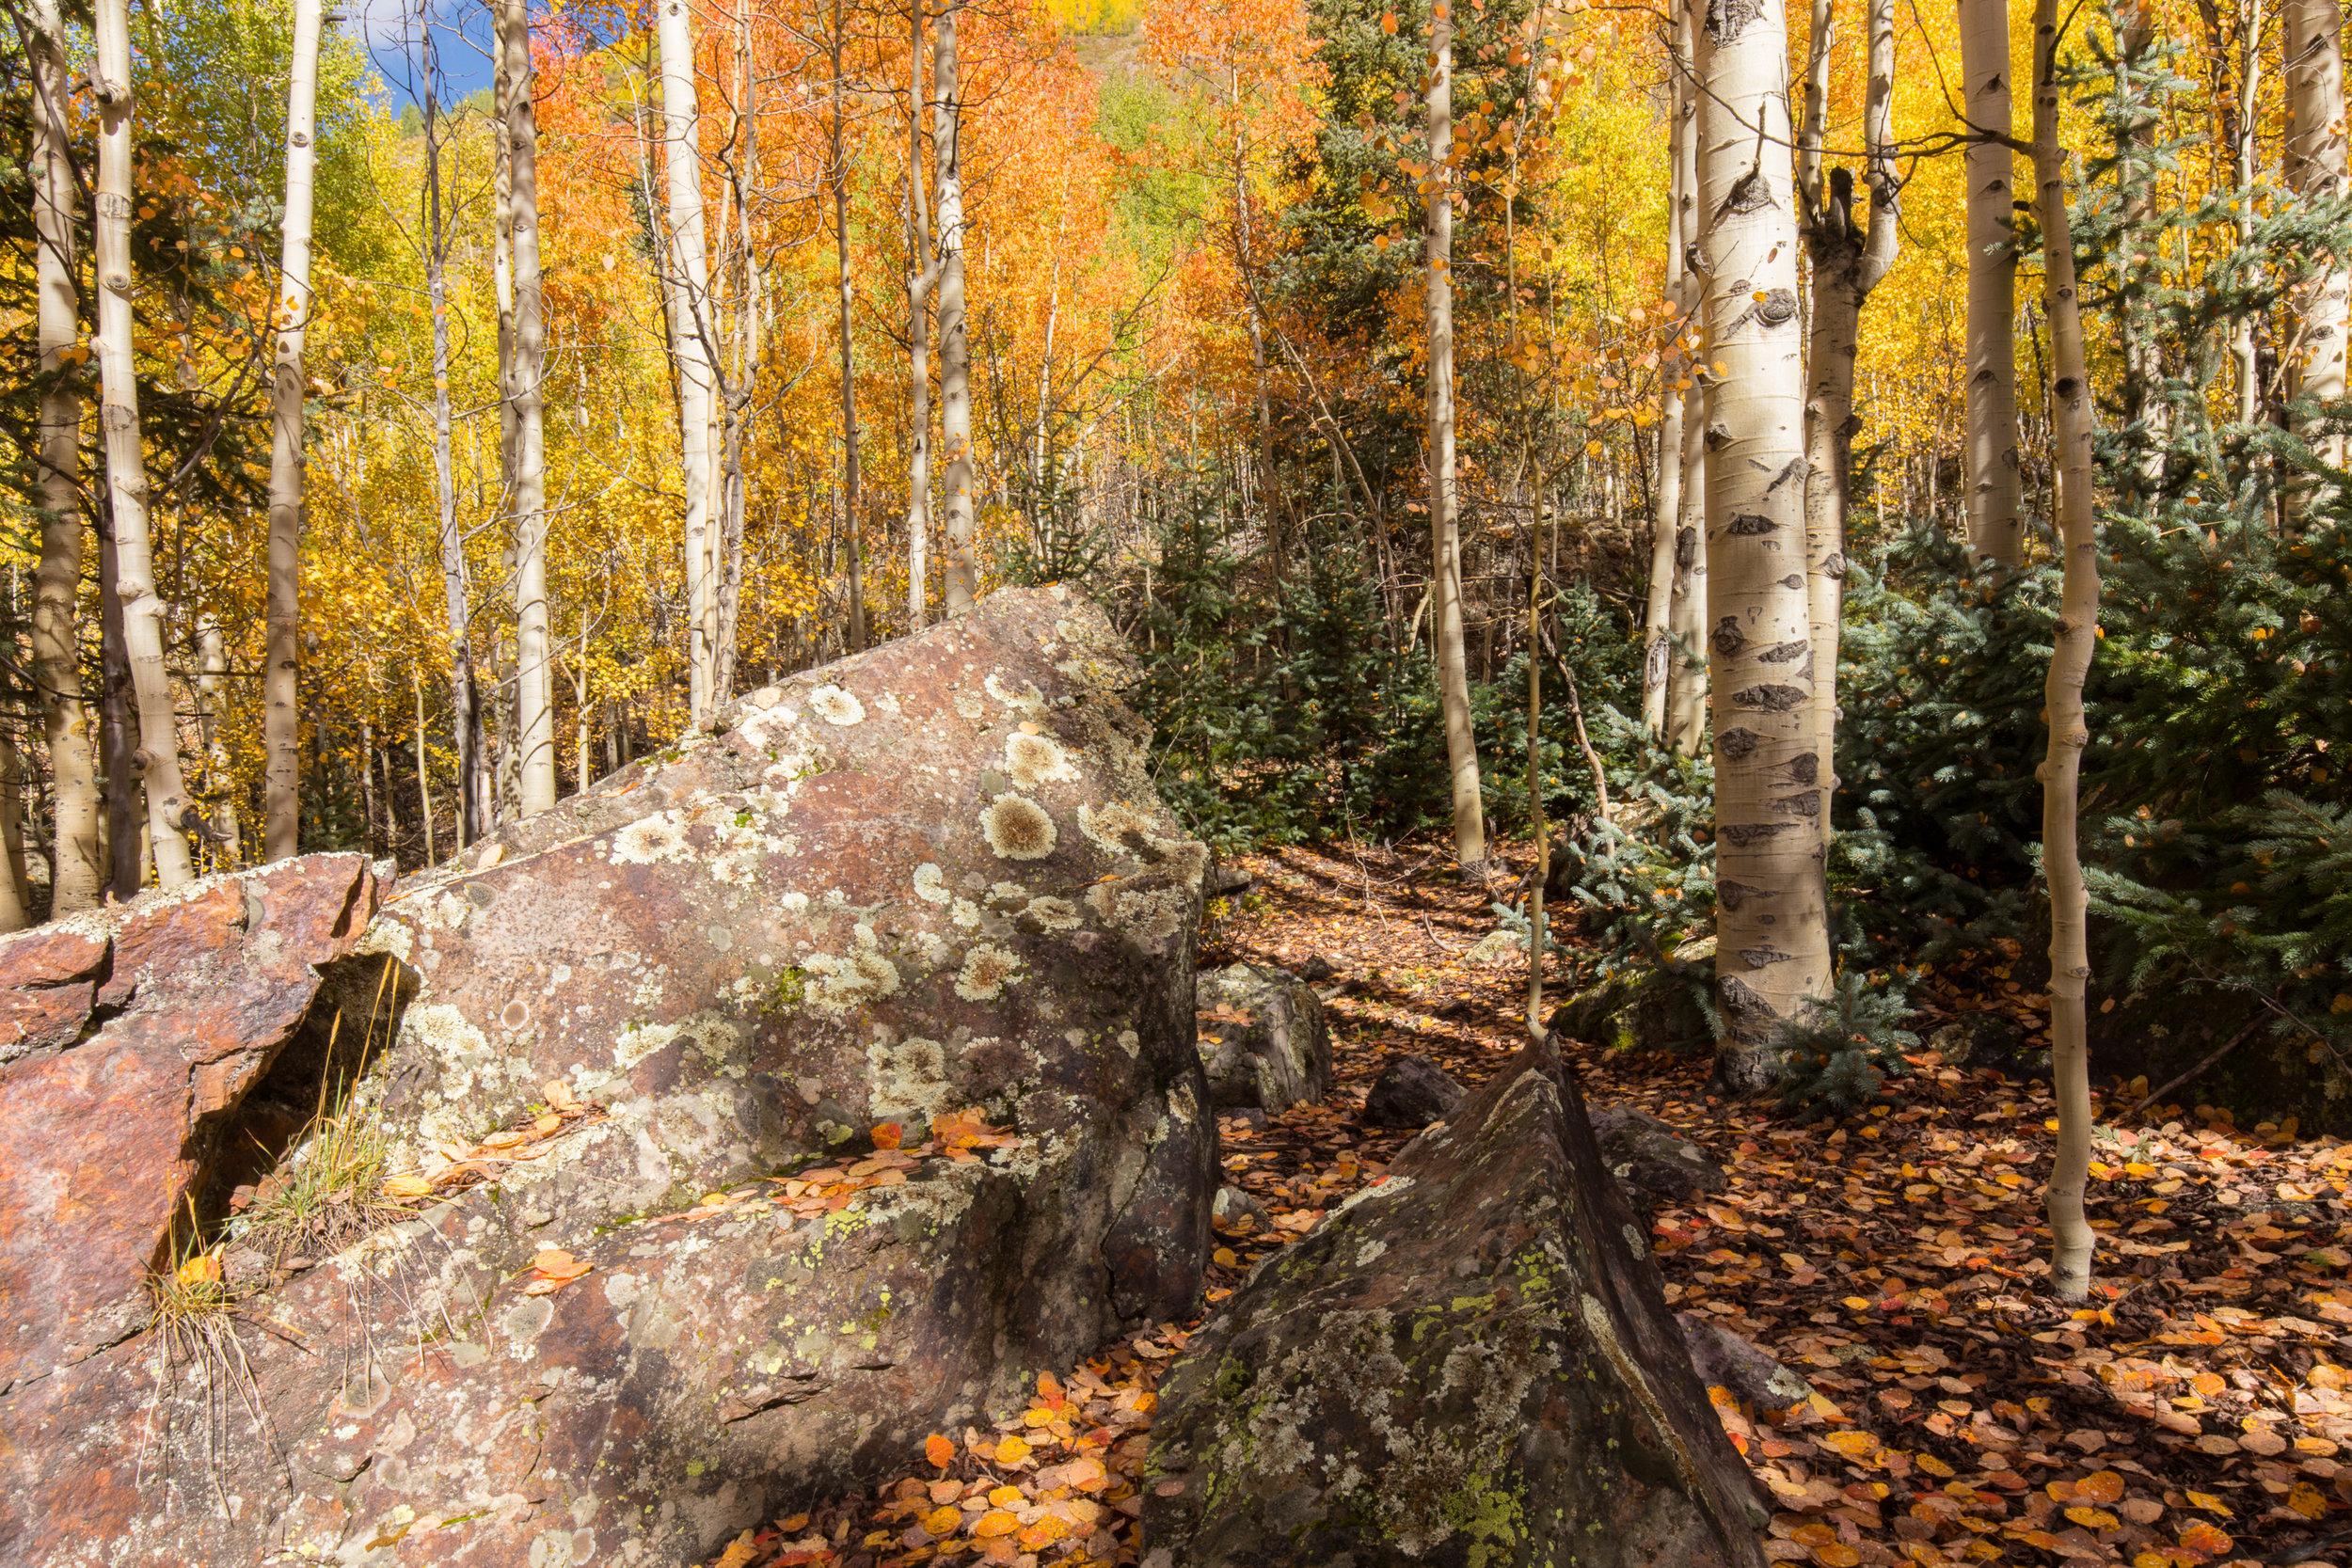 Silverton, Colorado, Image # 0937